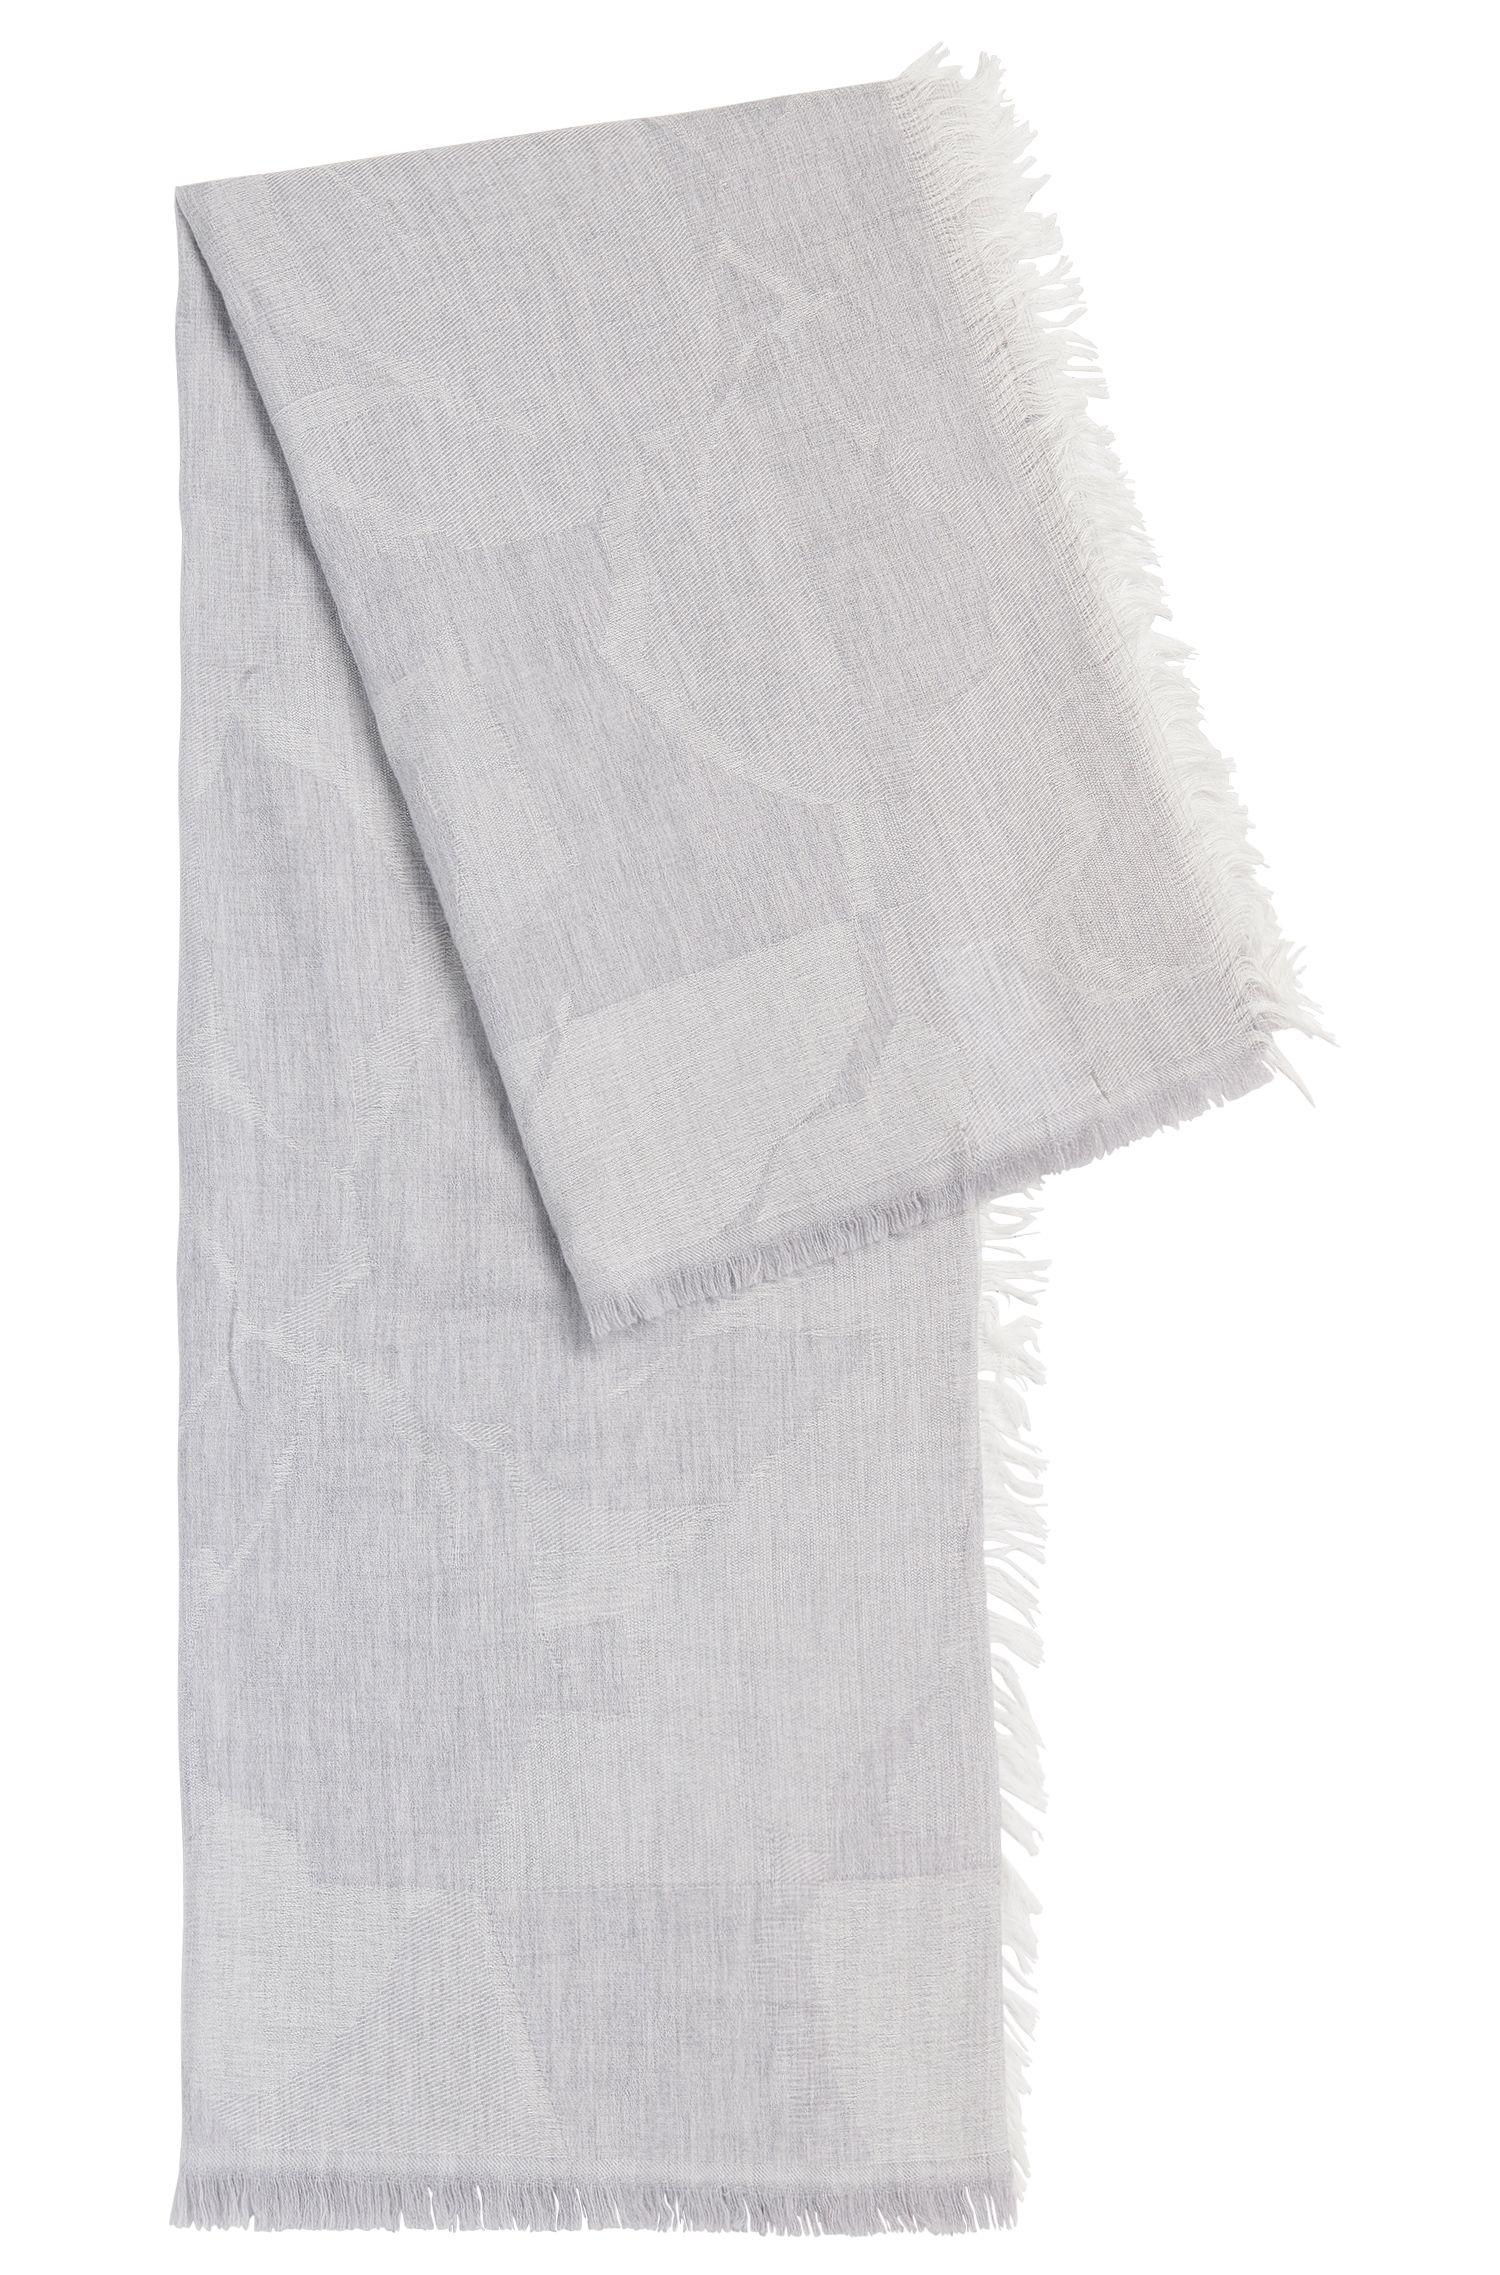 Omslagdoek met dessin, van een scheerwolmix met modal: 'Limella'